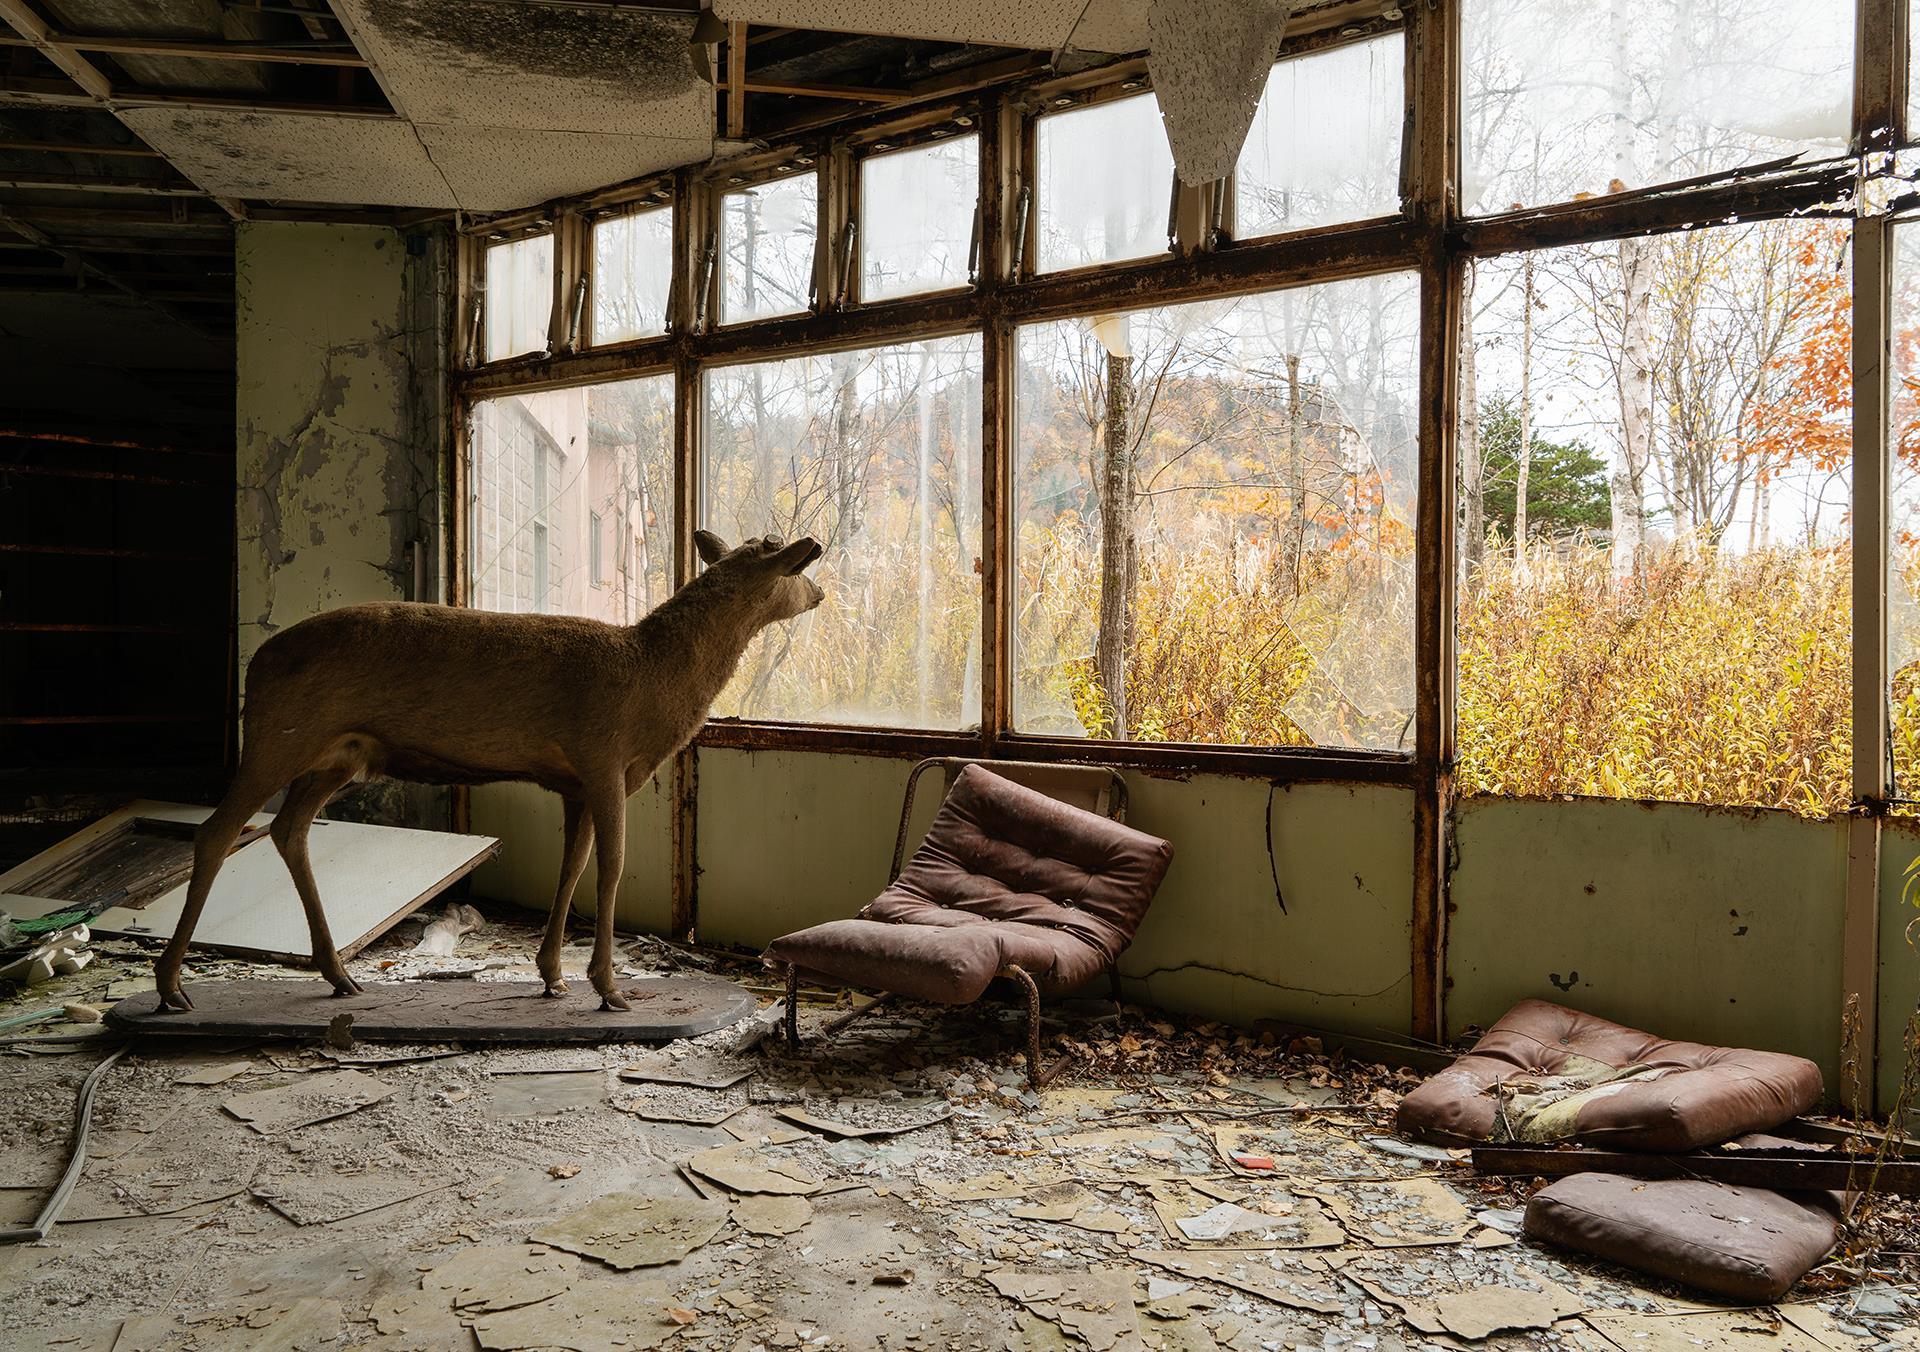 © Ryotaro Horiuchi